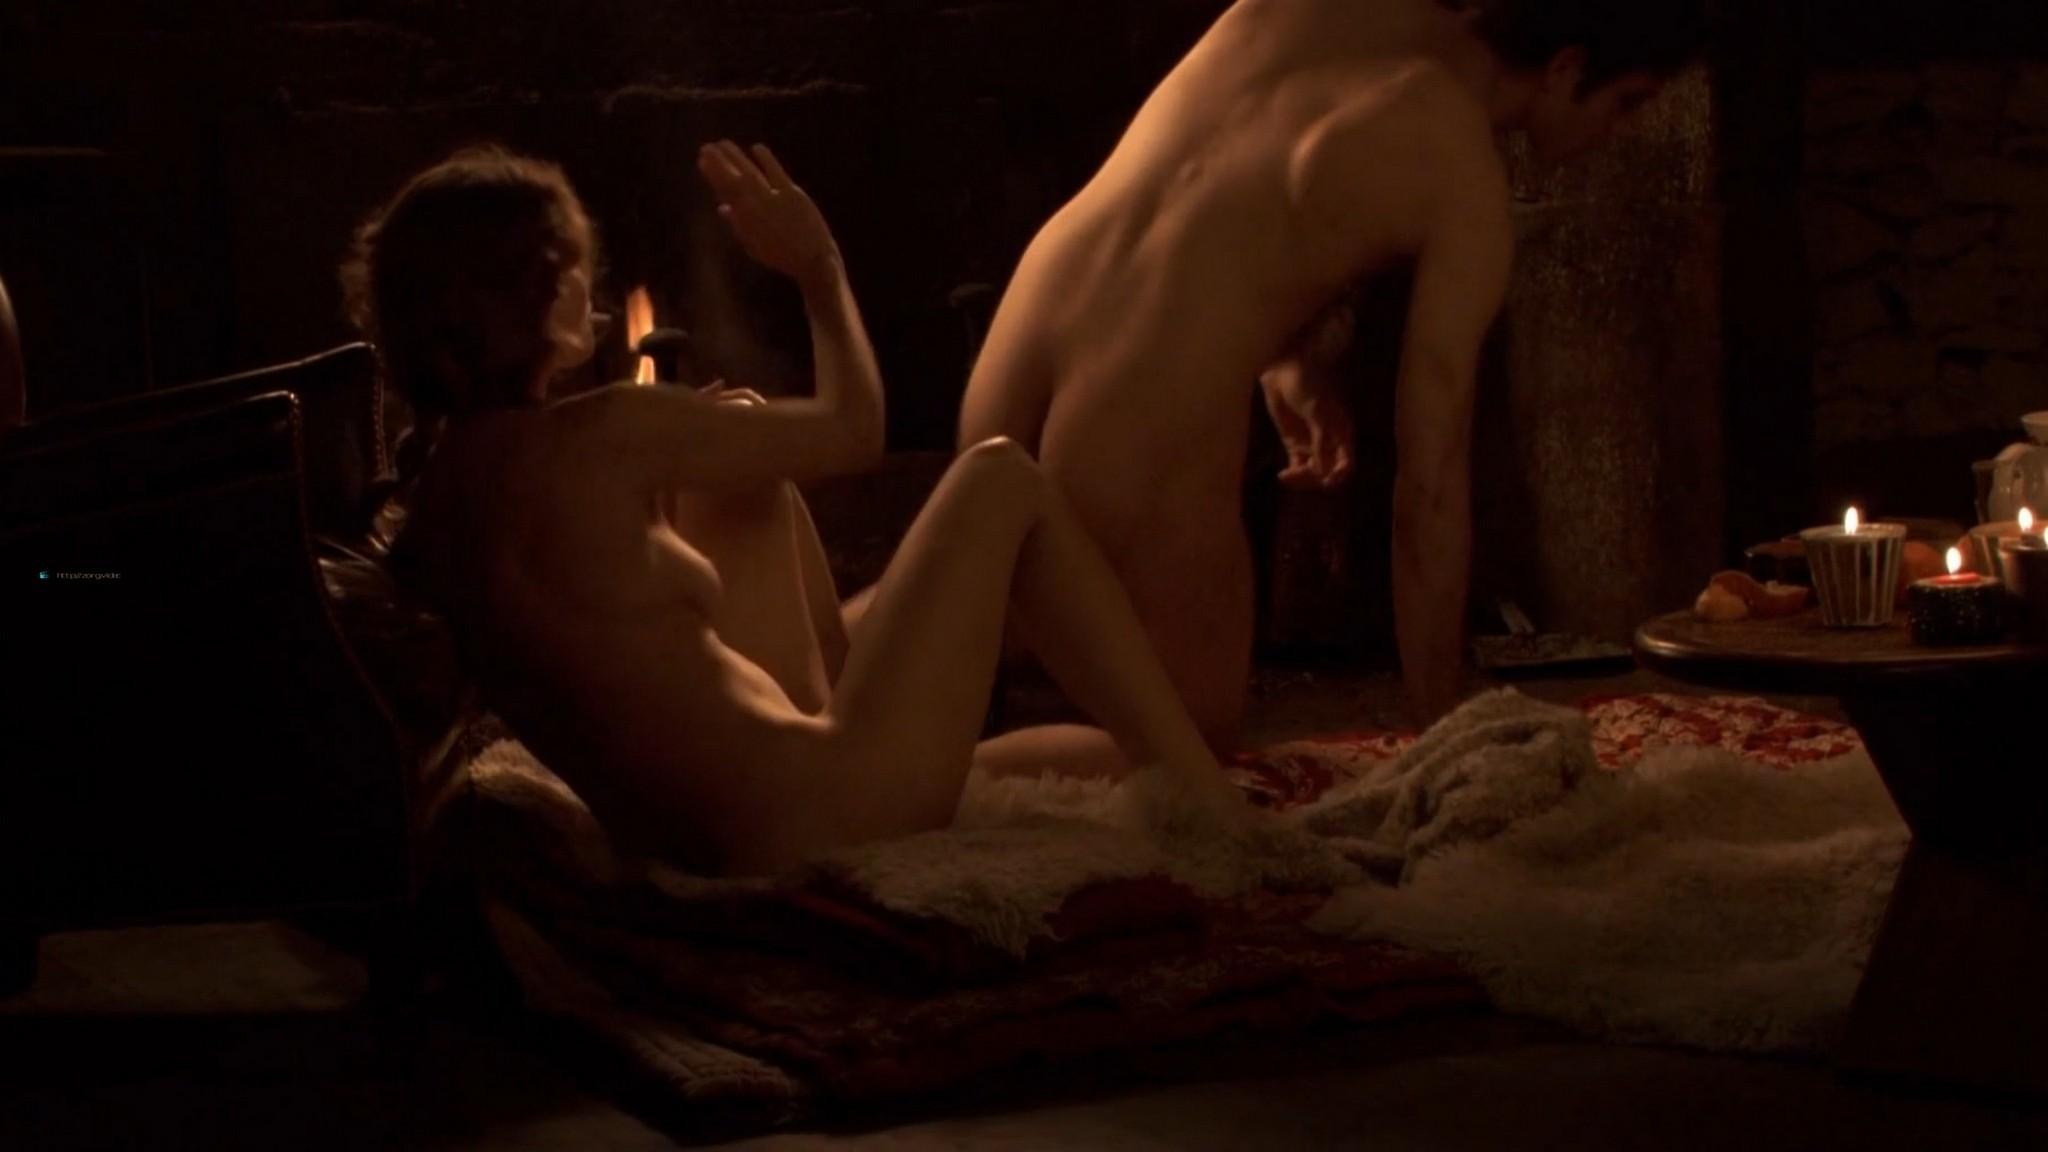 Laetitia Casta nude butt naked topless and hot sex - Nés en 68 (2008) HD 1080p (3)